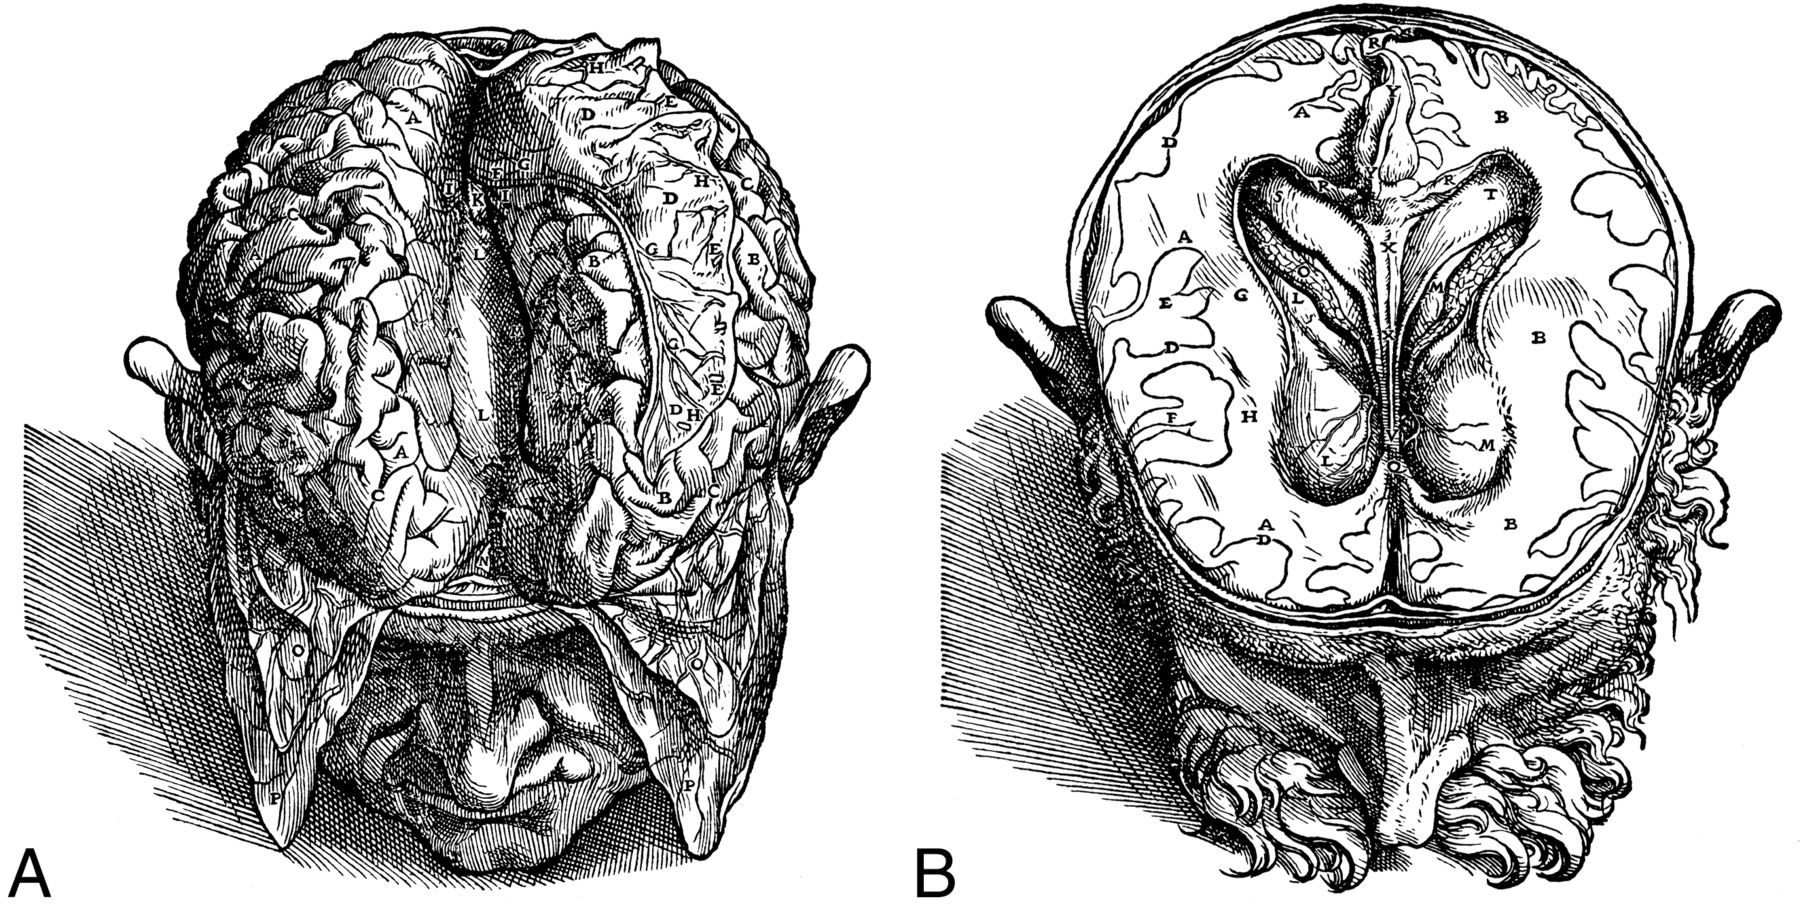 Drawn brains vesalius Thomas Download Anatomic Brain Willis: